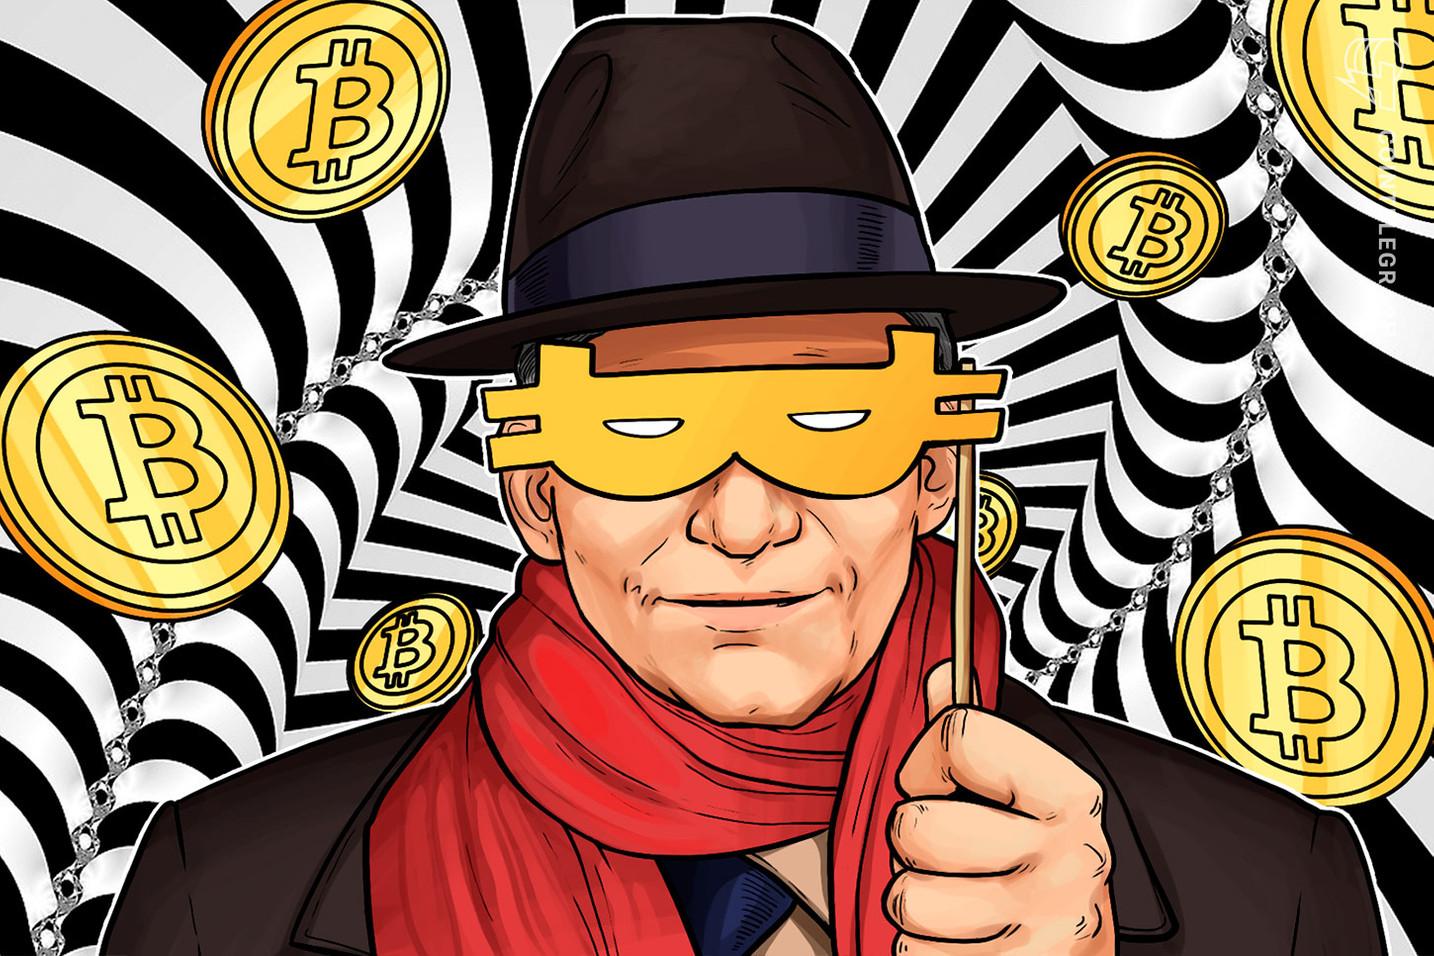 自称サトシ・ナカモトの弁護士に直撃 11年ぶりの仮想通貨ビットコイン移動で|一部はコインベースに到着か